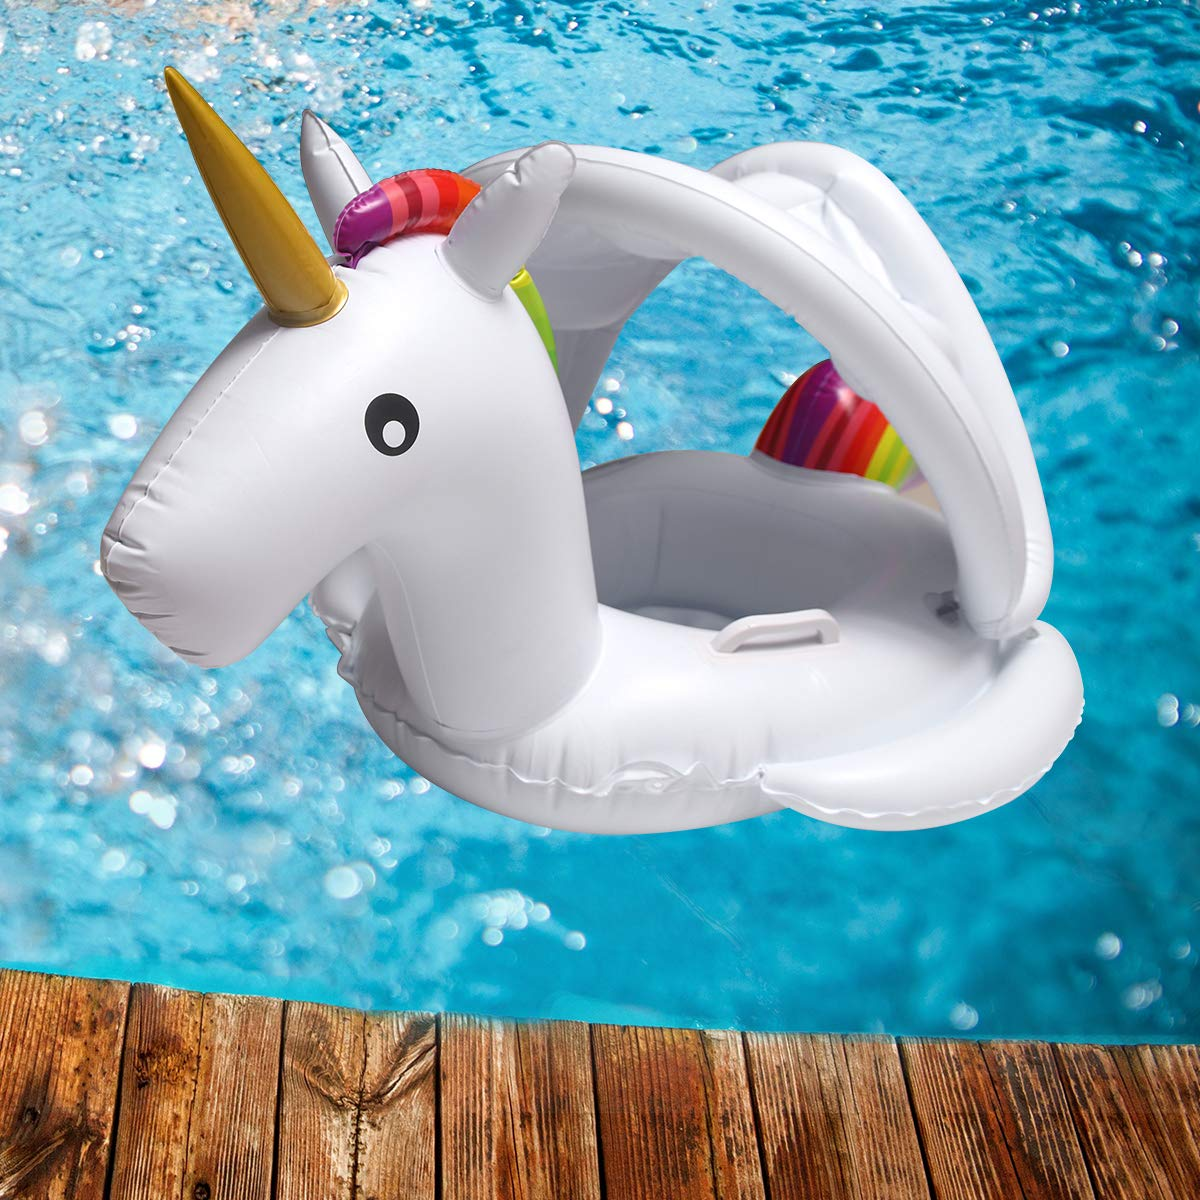 Amazon.com: Viyor Shop - Flotador de piscina para bebé con ...